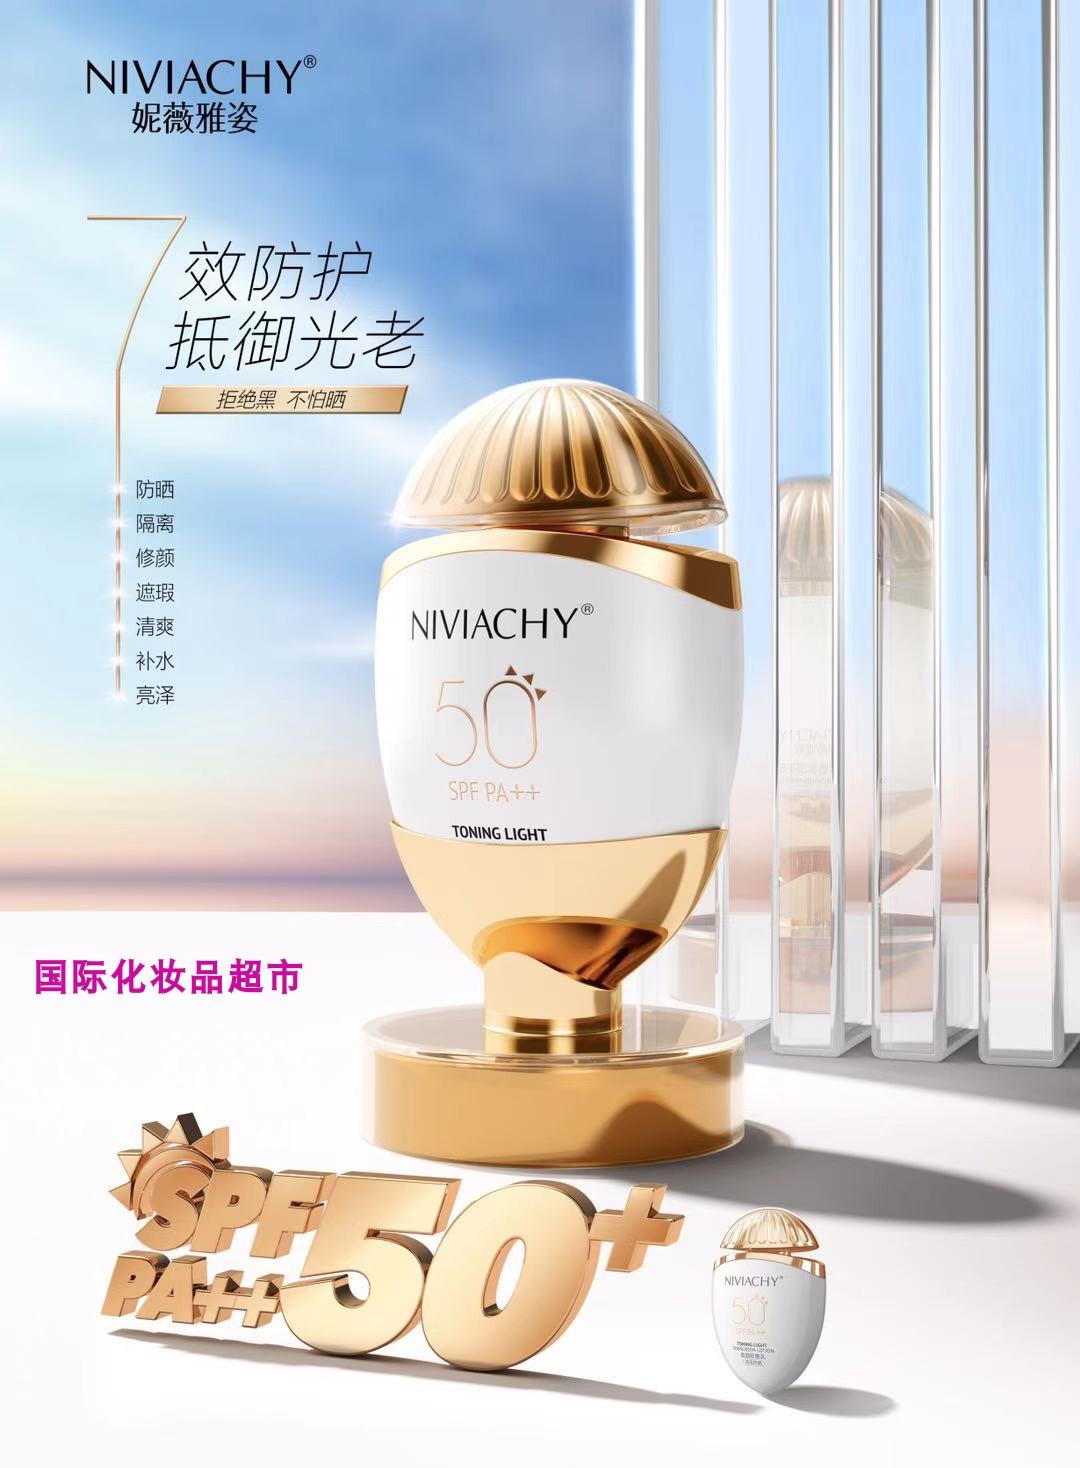 ニウェイの上品な姿の専门の店の尼维の2姿は雅です/7+BB亮白素颜防護晒乳の5030倍の日焼け止めクリームは隔離します。